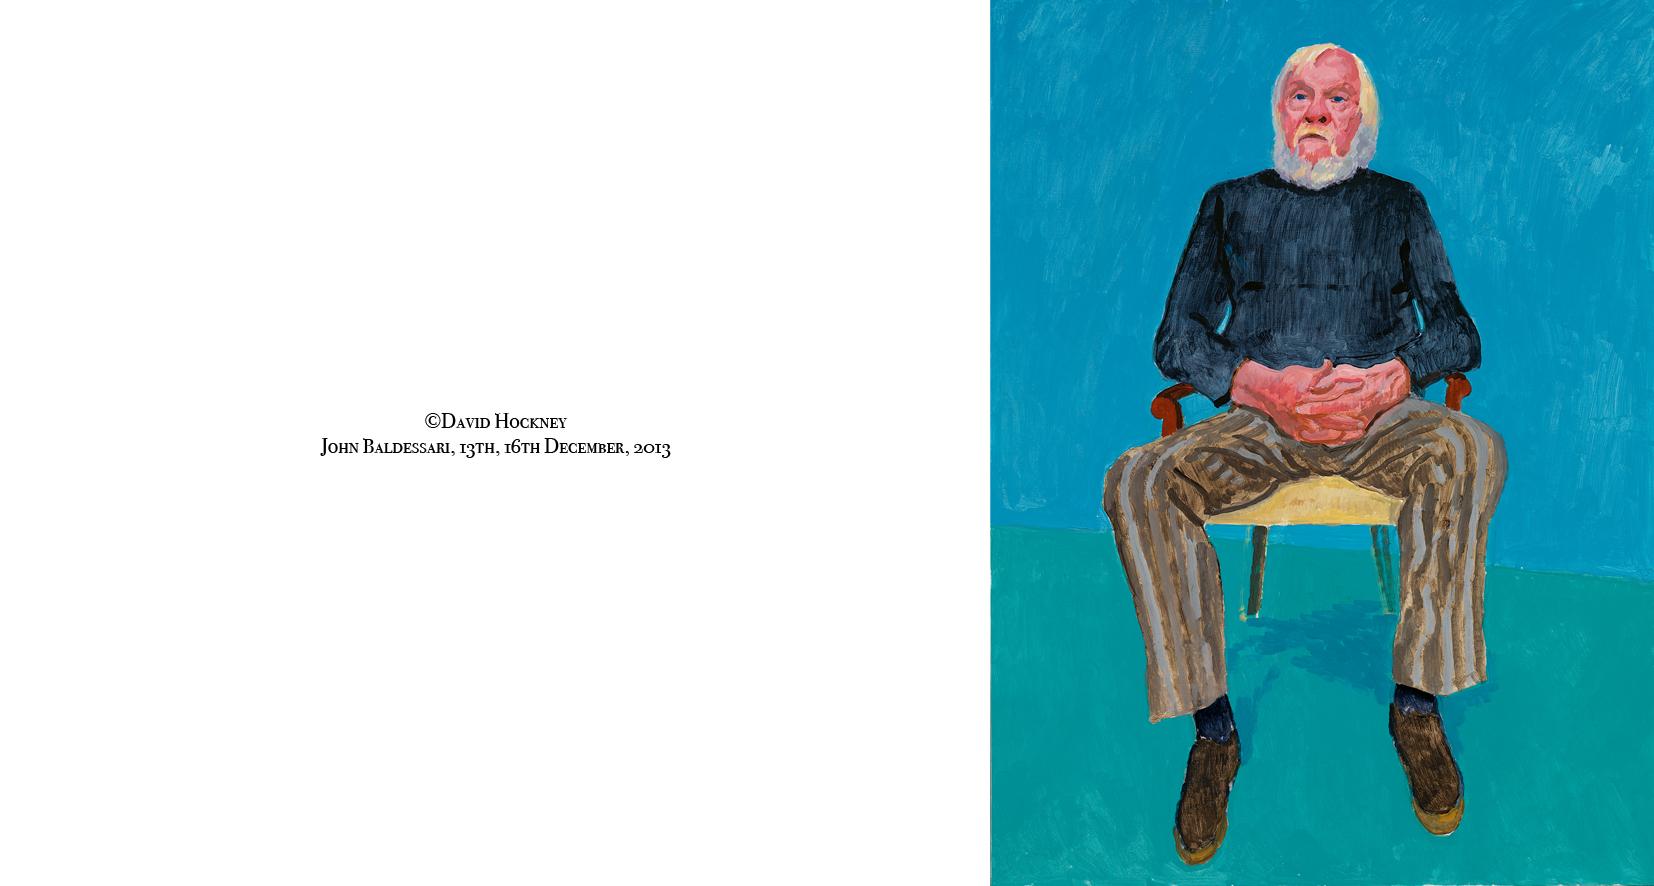 David-Hockney-01.jpg